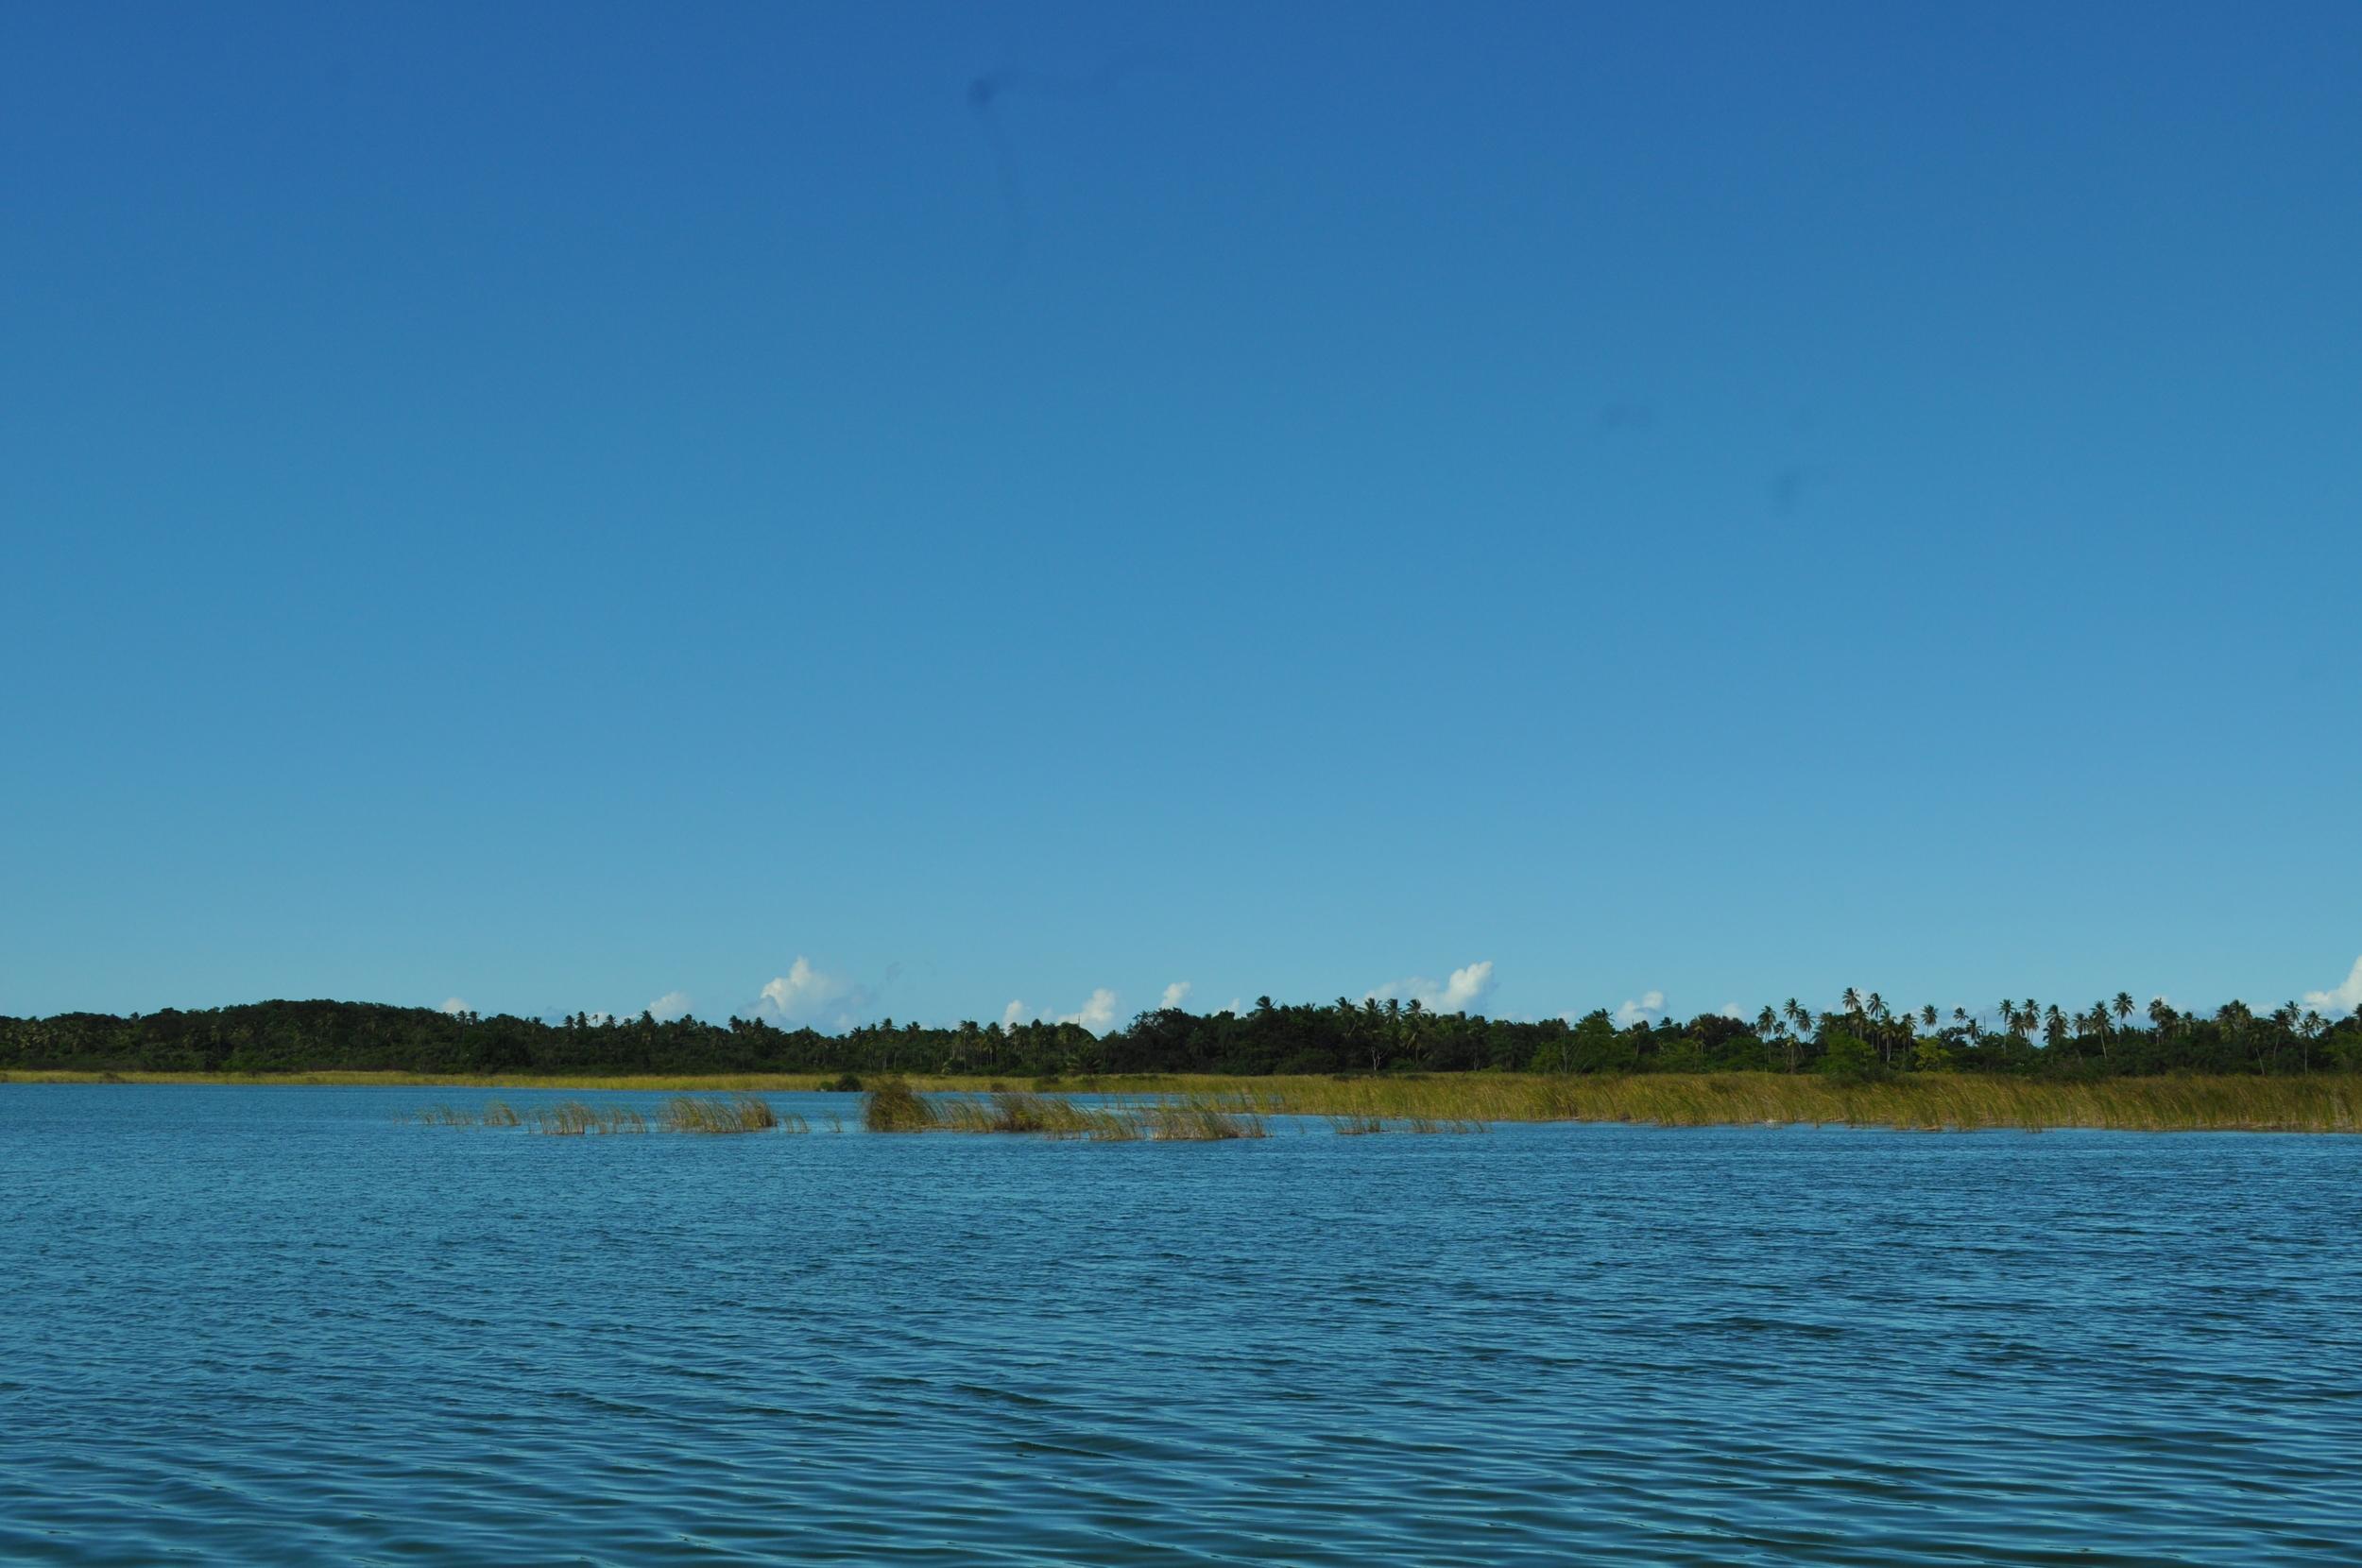 El mejor momento para visitar la laguna Tortuguero es temprano en la mañana, cuando el sol es tenue y los pájaros todavía cantan. Este espacio natural es un remanso de paz.Foto: Pamy Rojas